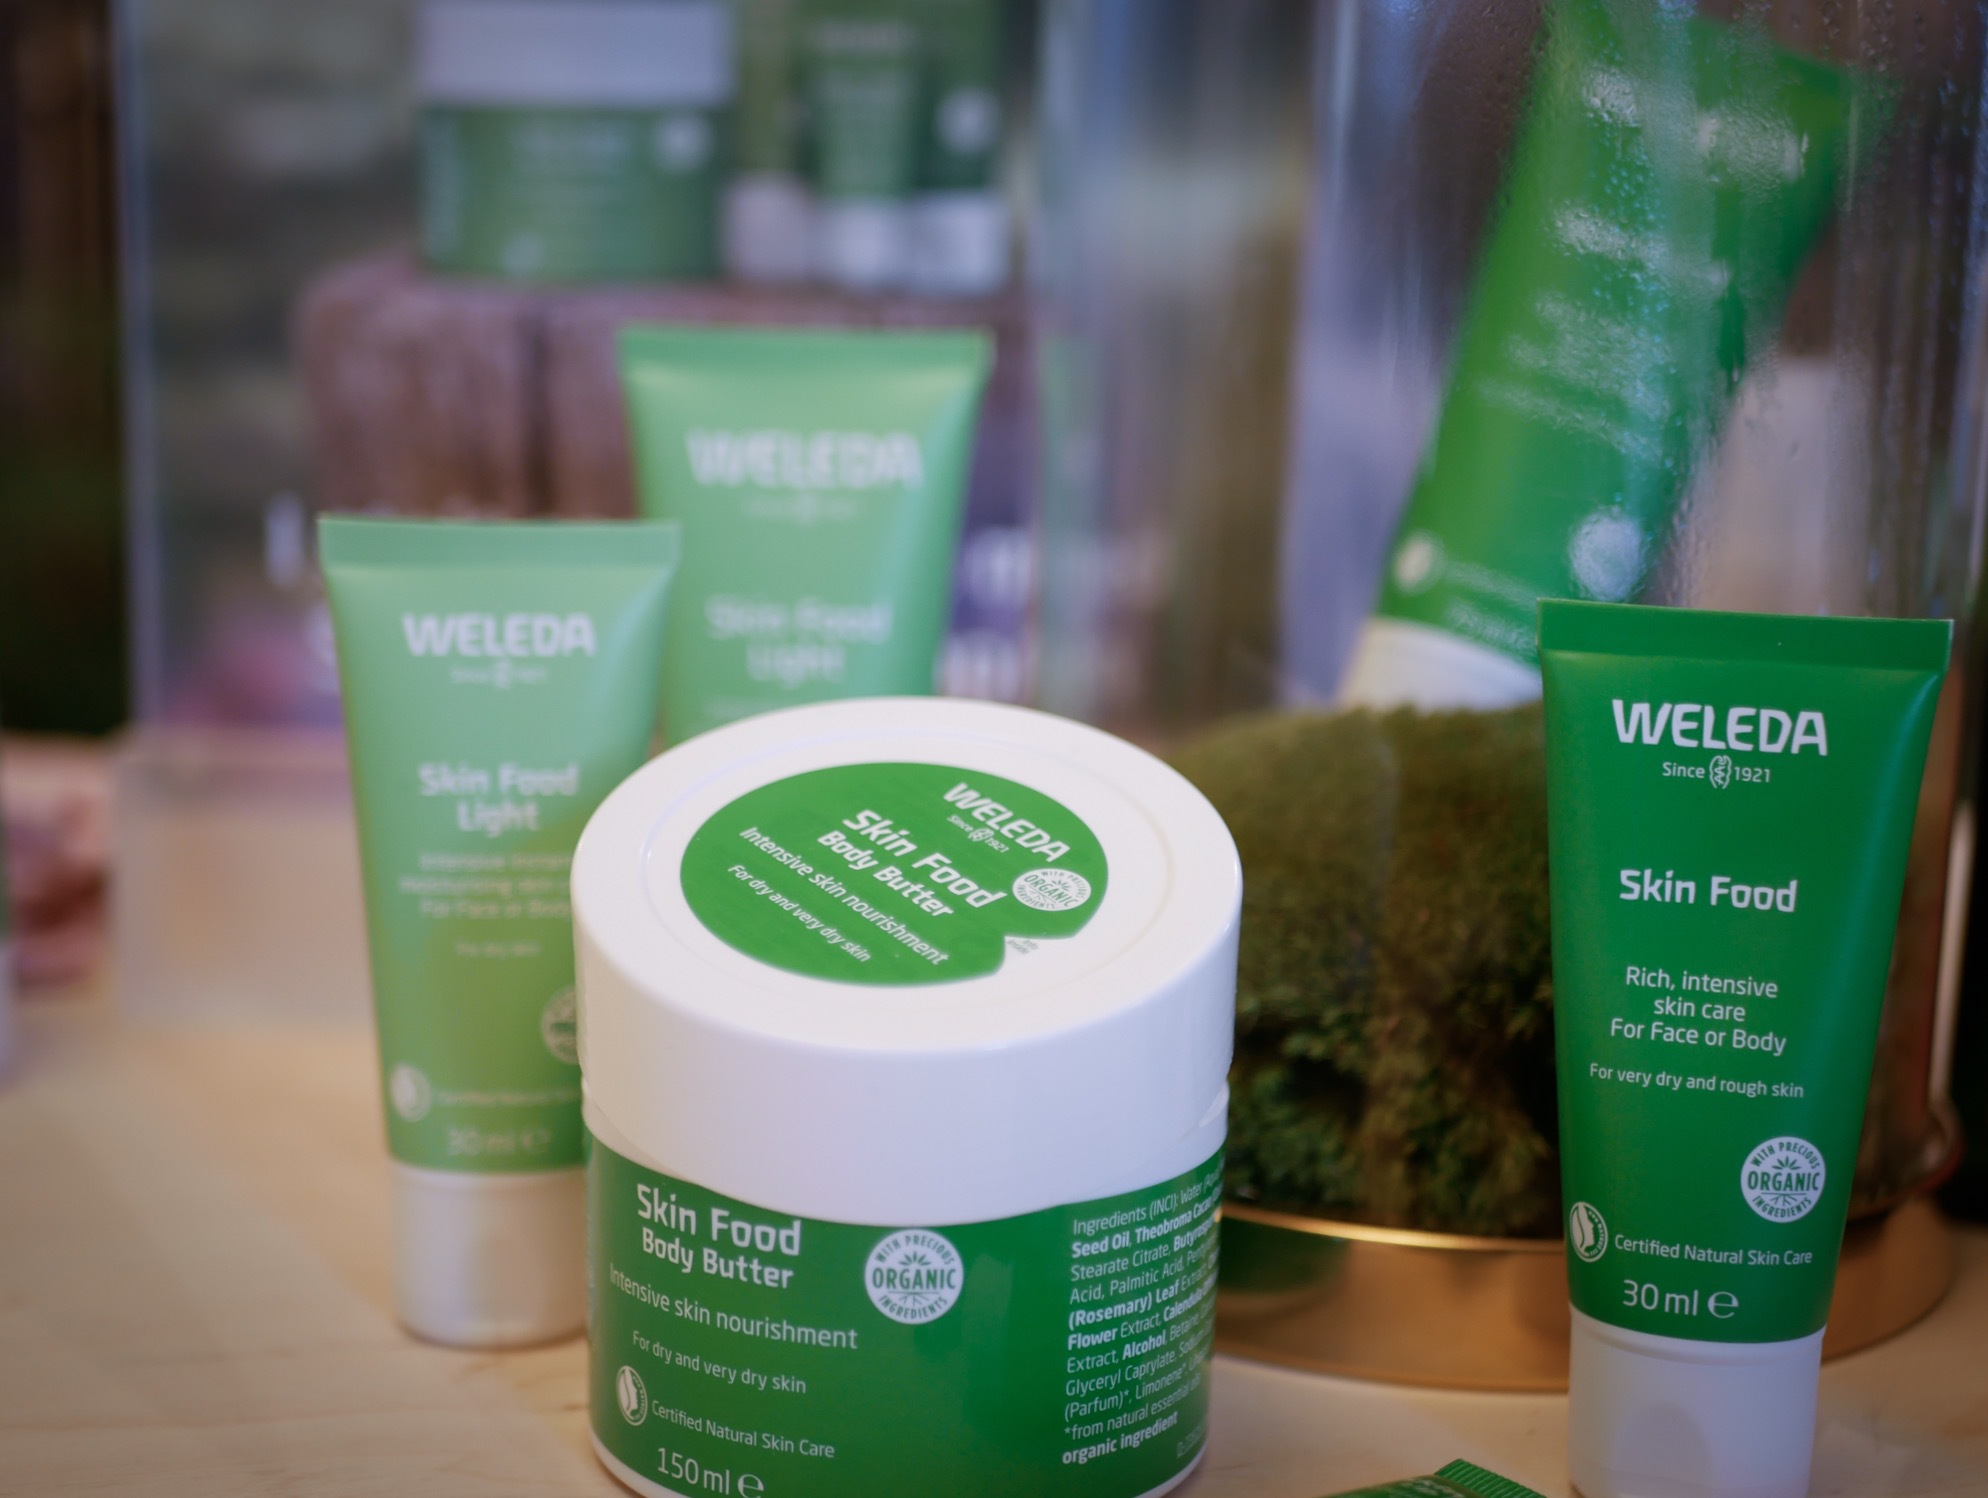 Hajpade hudvårdsserien Skin food från Weleda får en lillasyster, en lite lättare formulering av hudkrämen. De lanserar även ett läppcerat och kroppsbalm i den populära serien